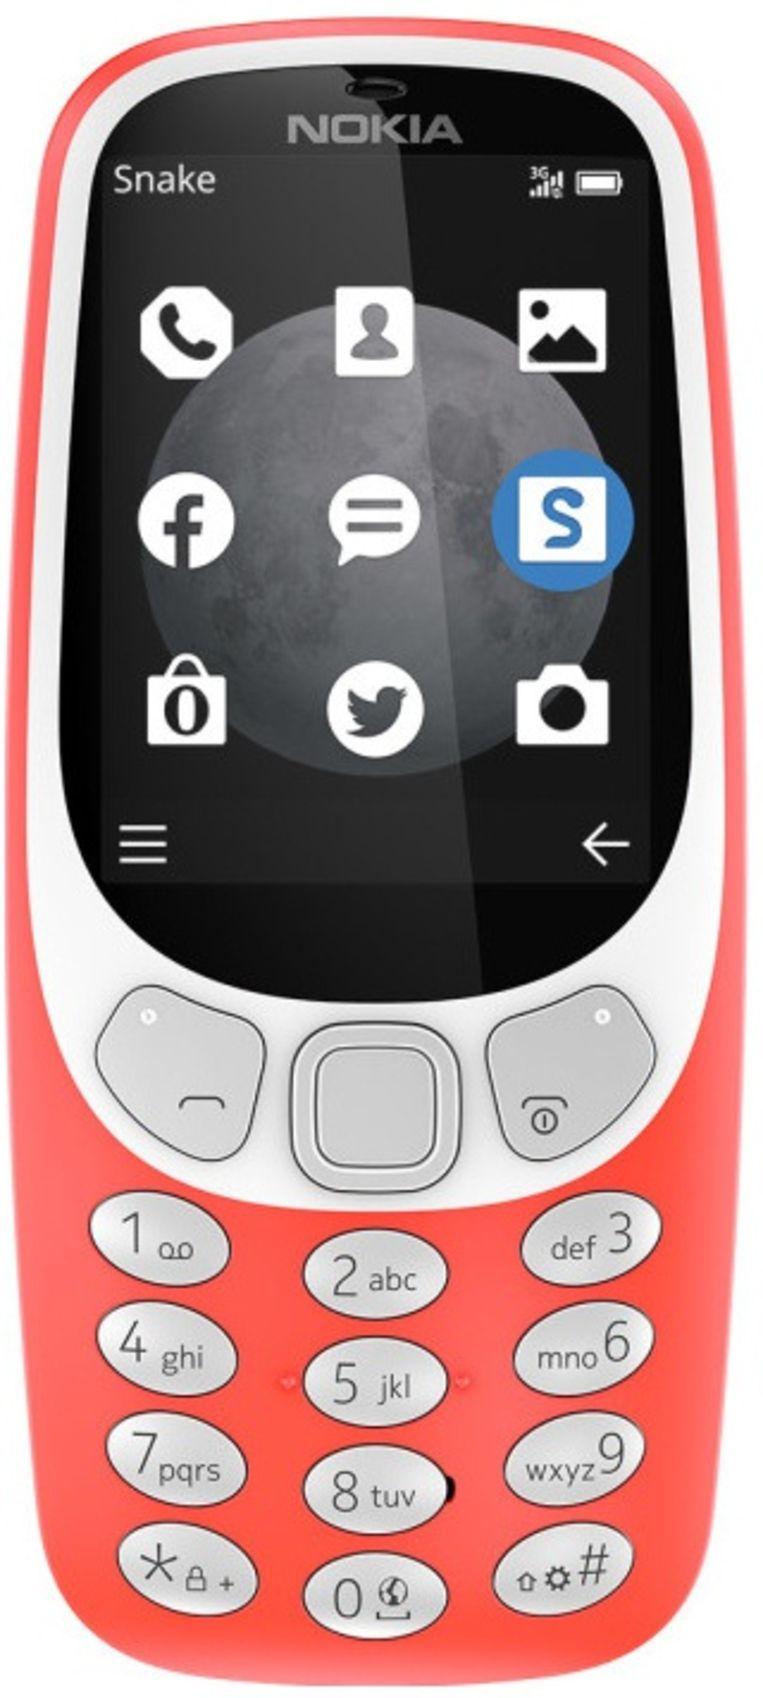 De teruggekeerde Nokia 3310.